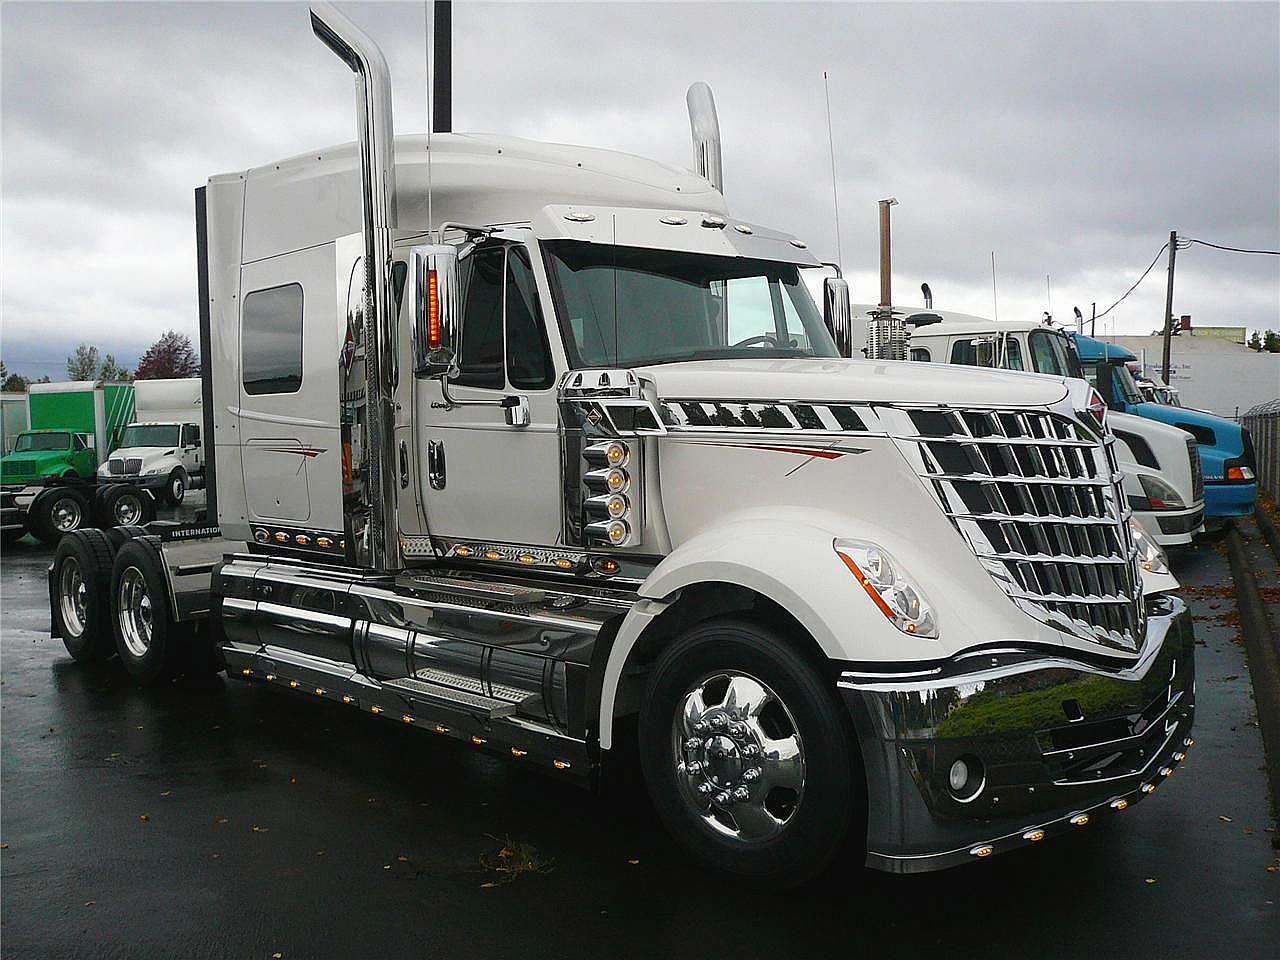 Free Download HQ International Trucks Wallpaper Num. 98 ...